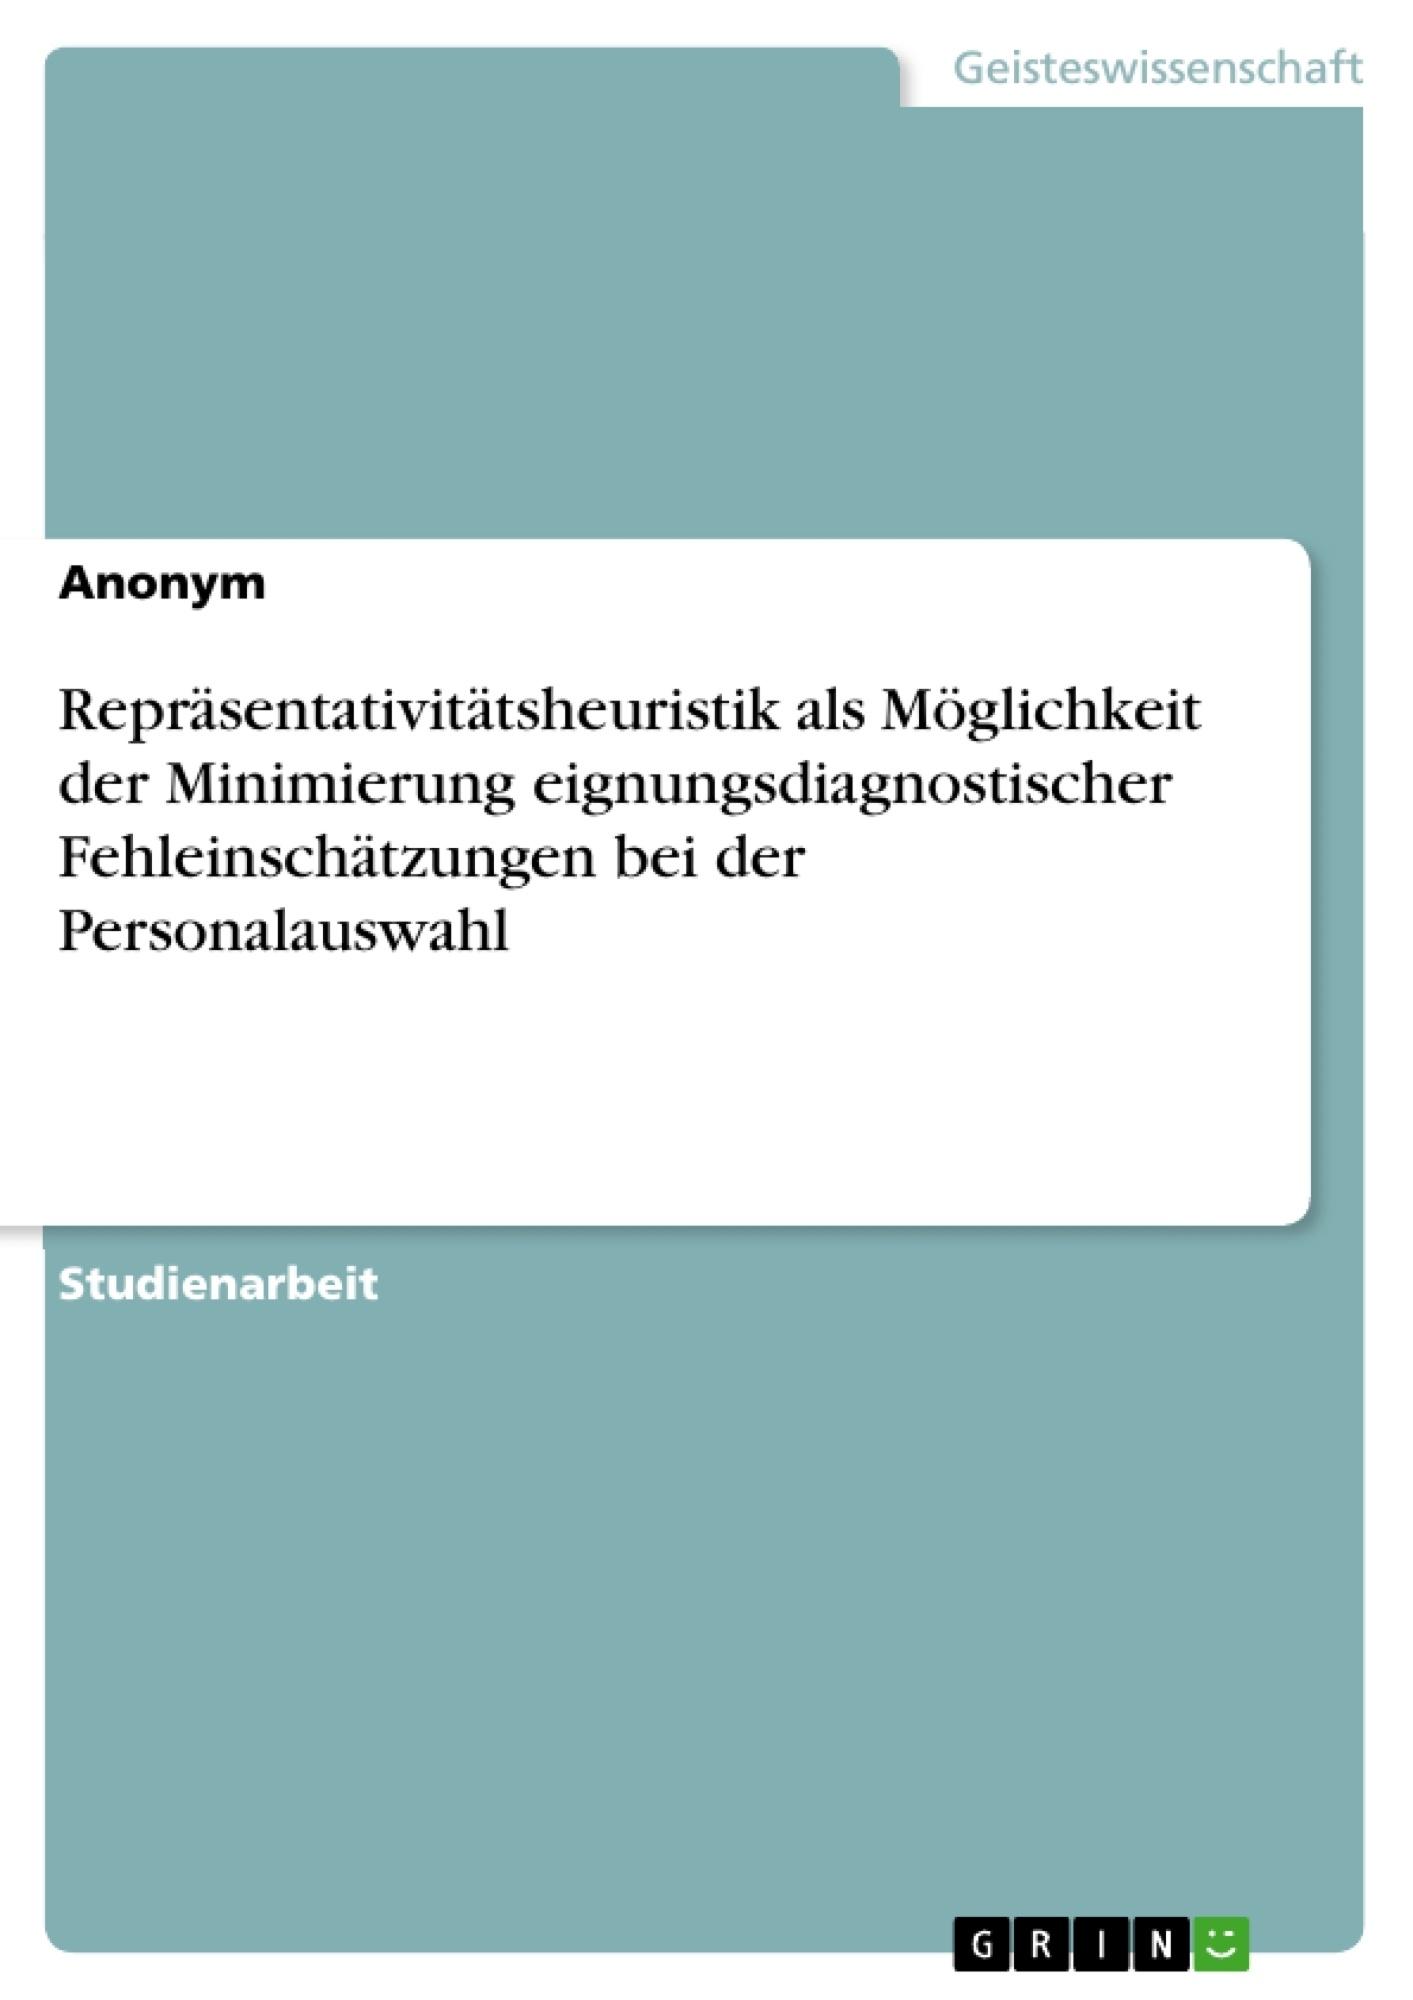 Titel: Repräsentativitätsheuristik als Möglichkeit der Minimierung eignungsdiagnostischer Fehleinschätzungen bei der Personalauswahl